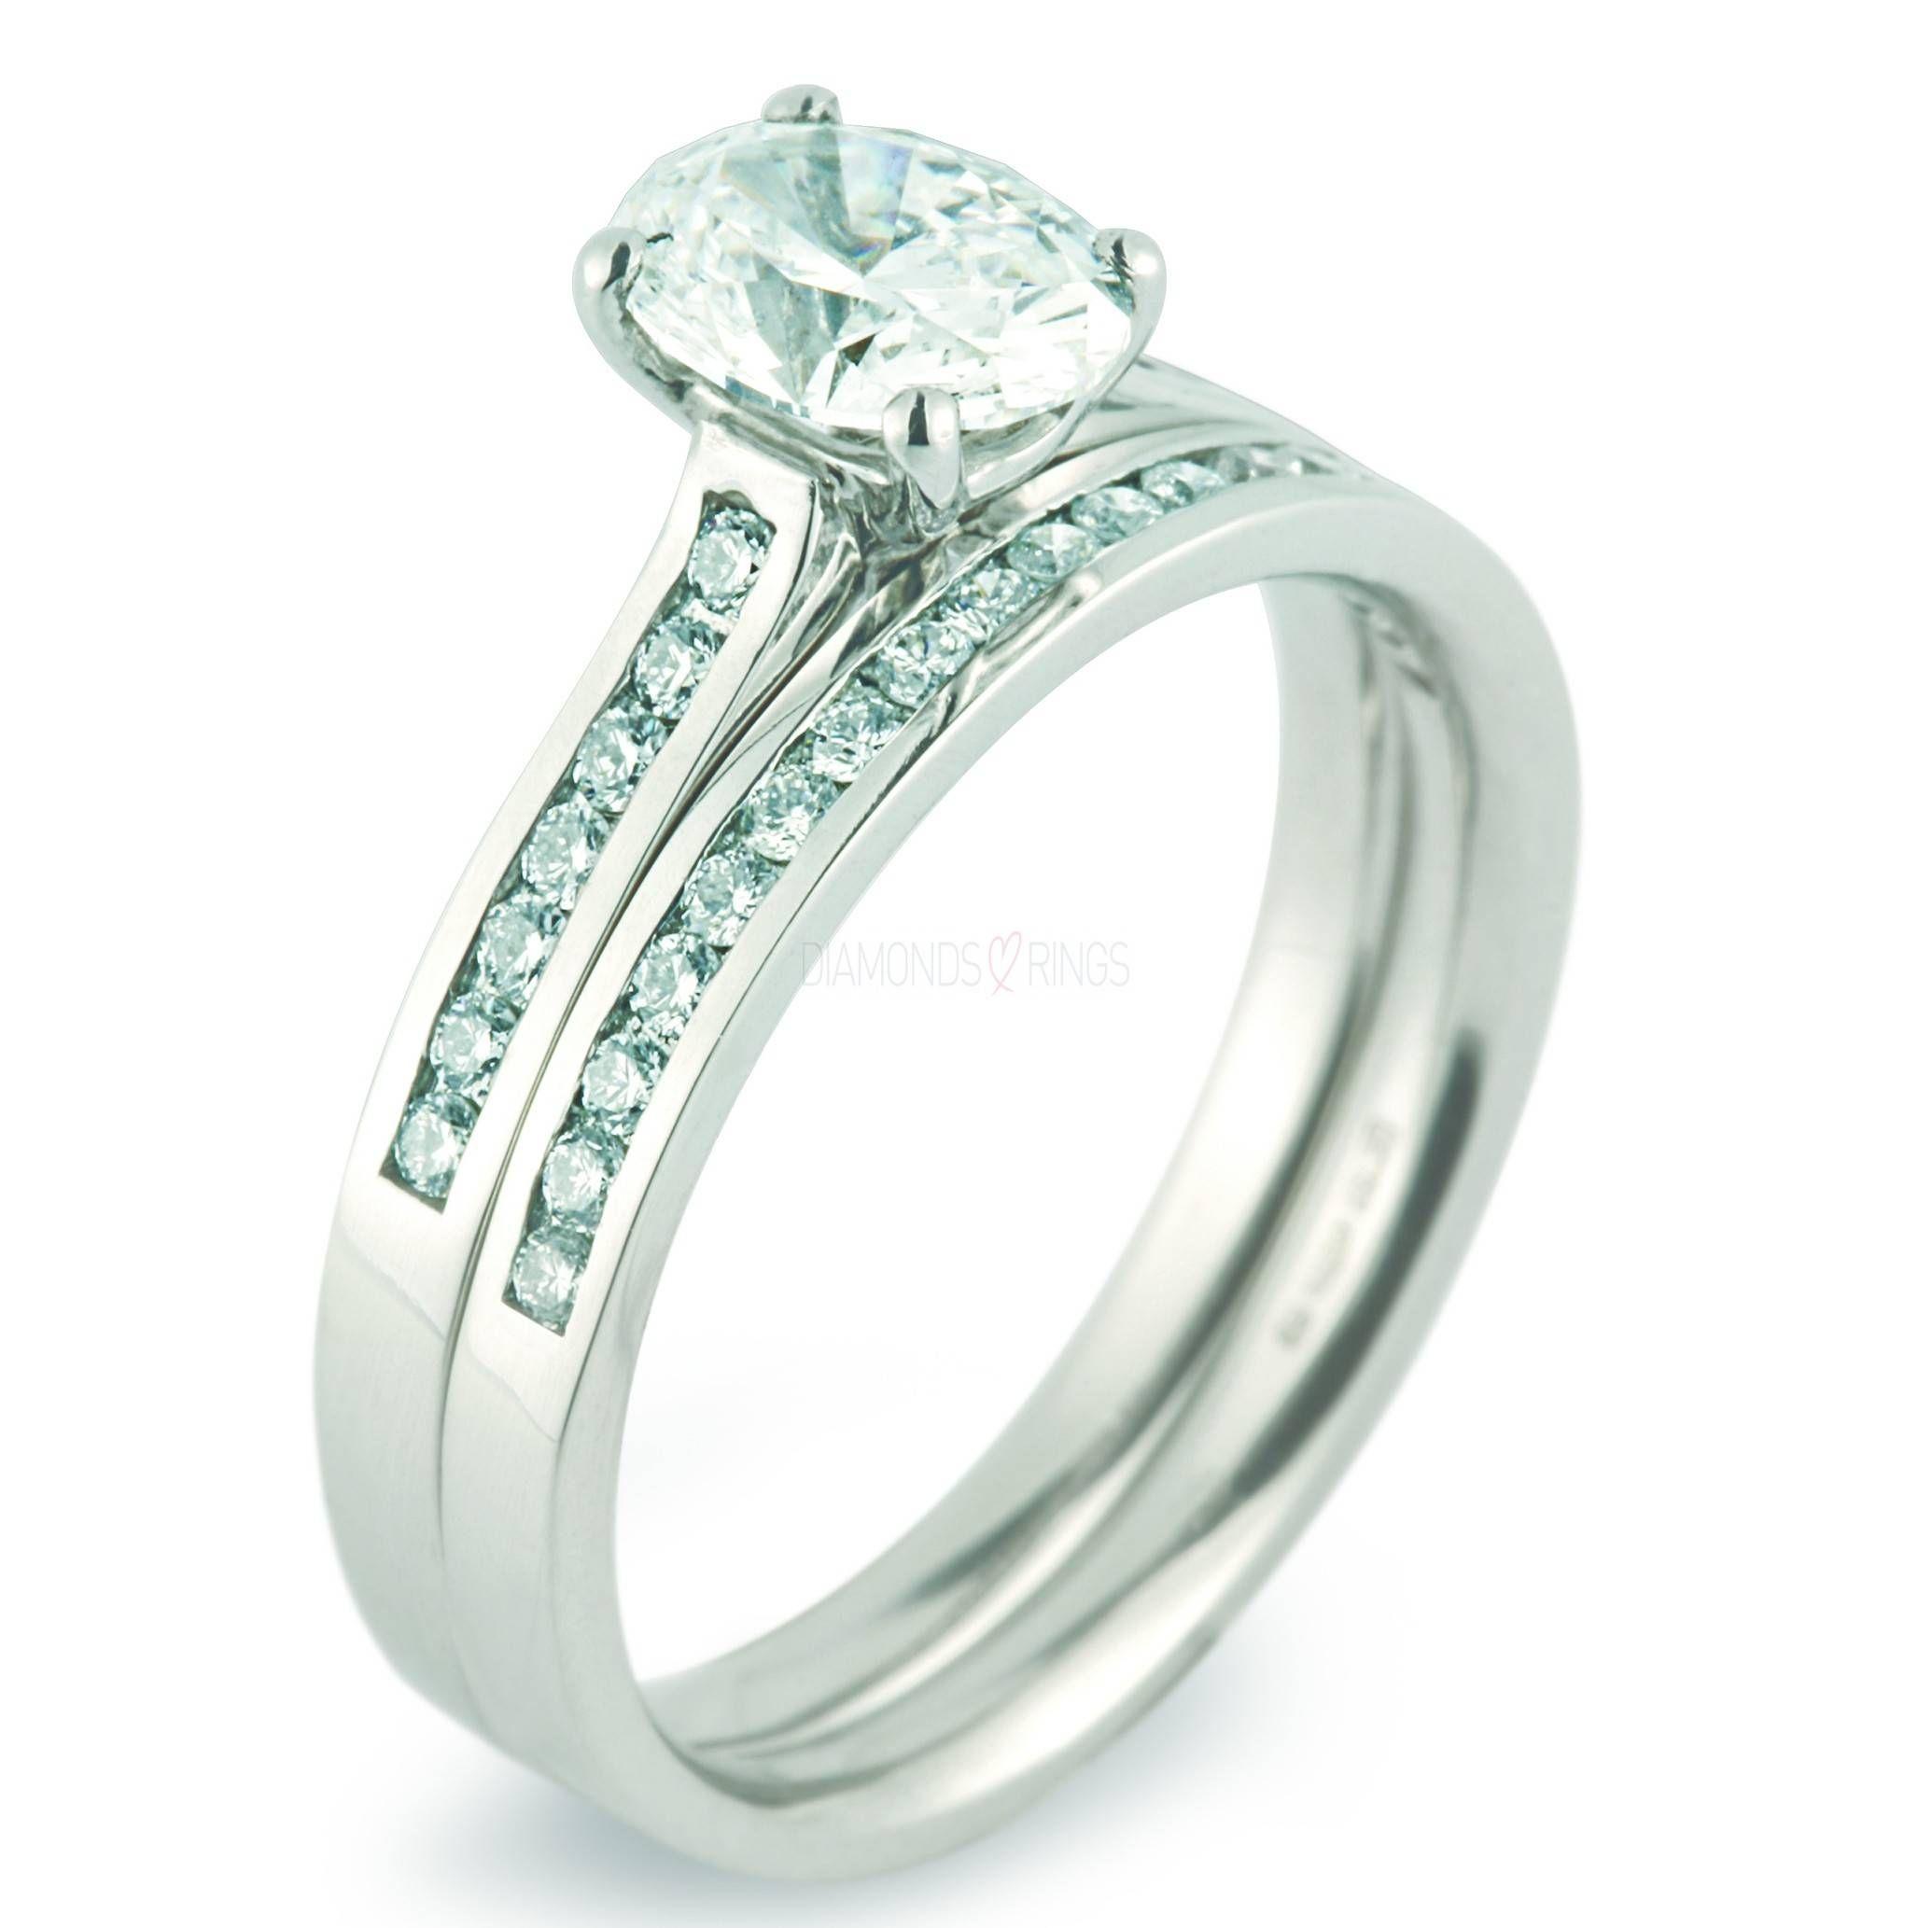 15 Besten Ideen Platinum Hochzeit Ringe Mit Diamanten